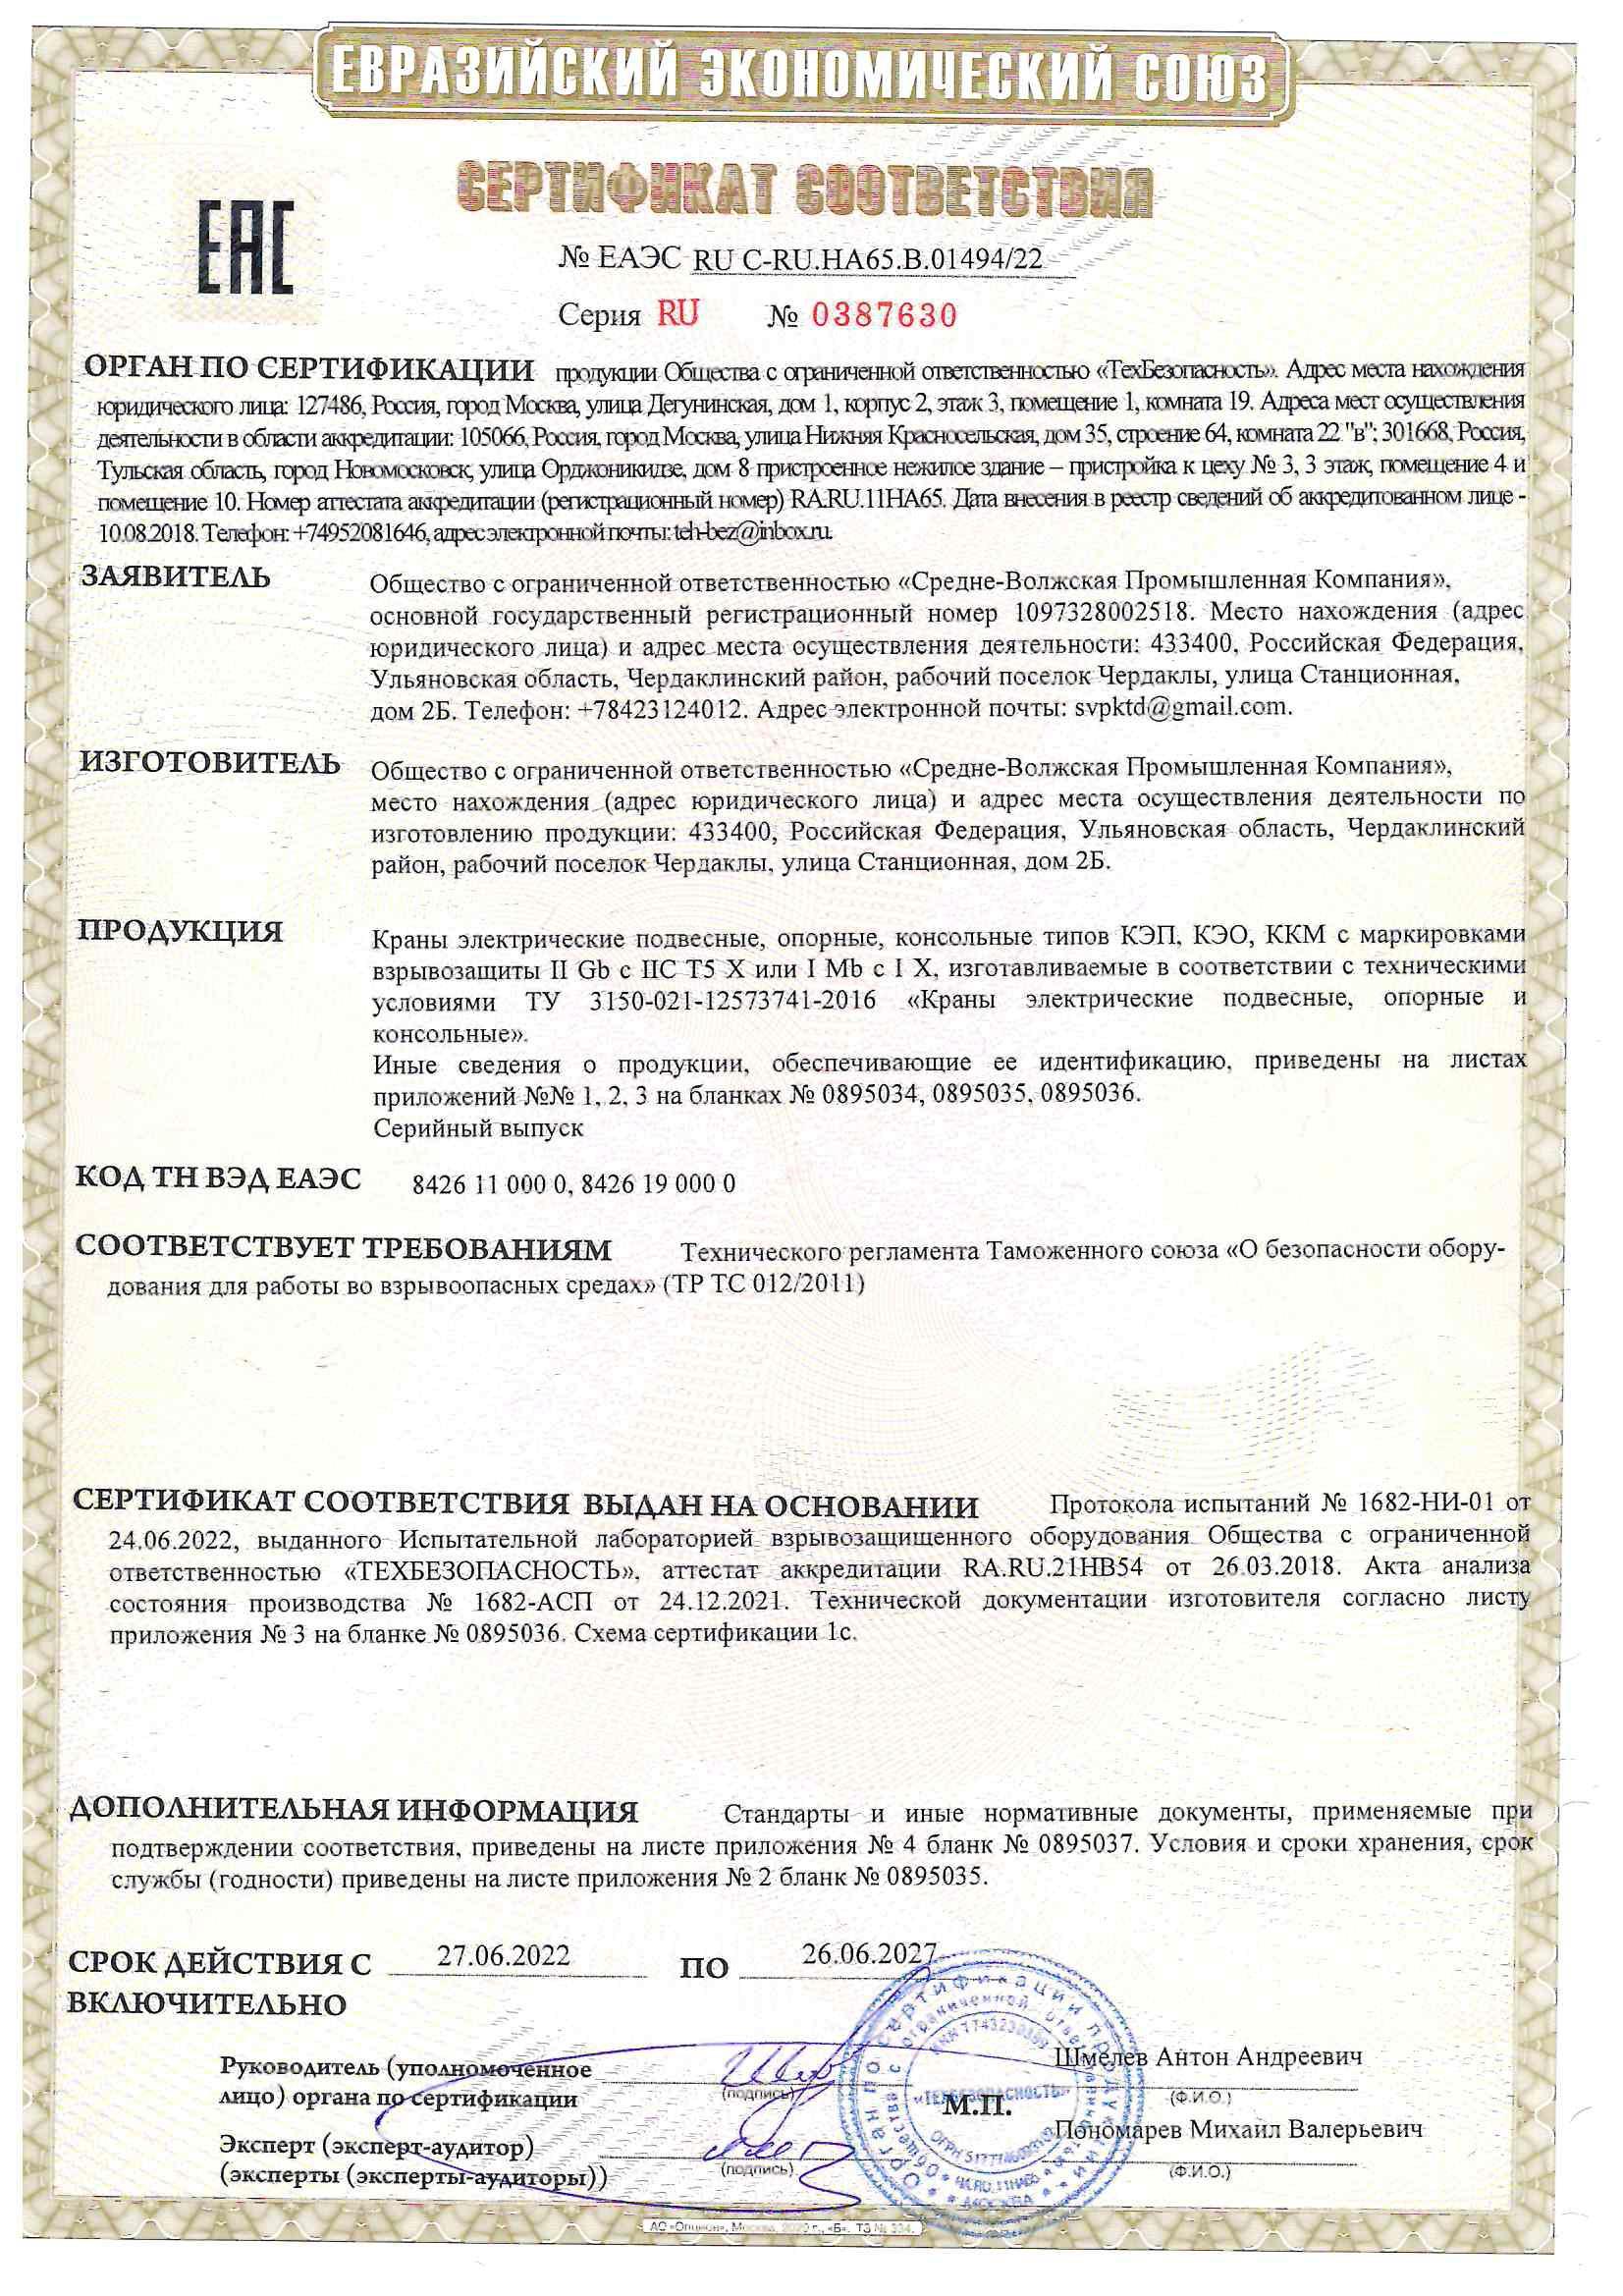 сертификат краны электрические ВБИ